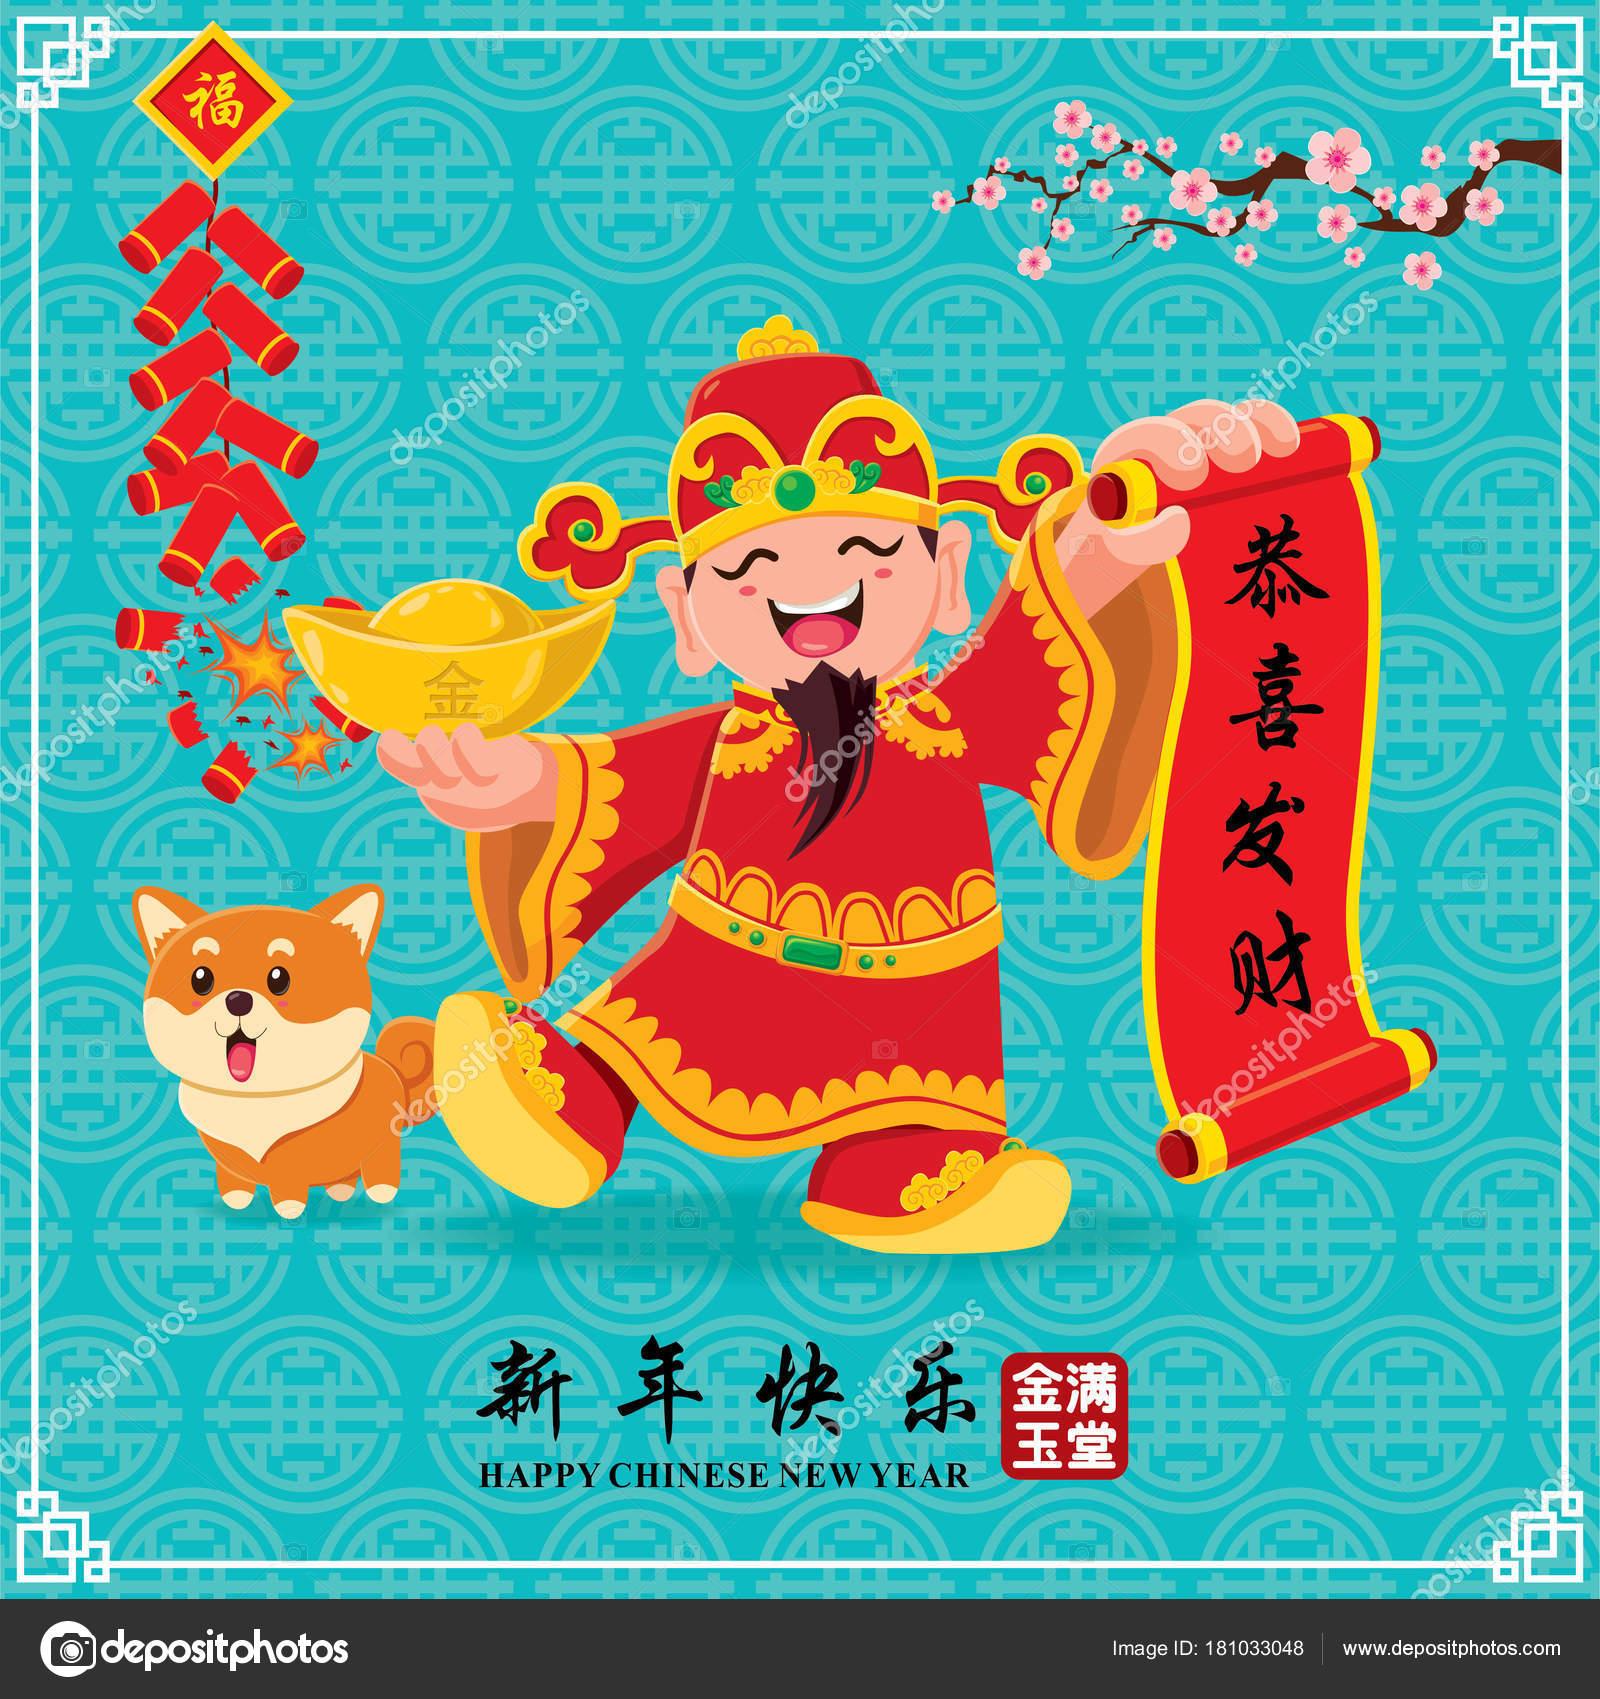 Vintage Chinesisches Neujahr Poster Design Mit Chinesischen Gott Des ...